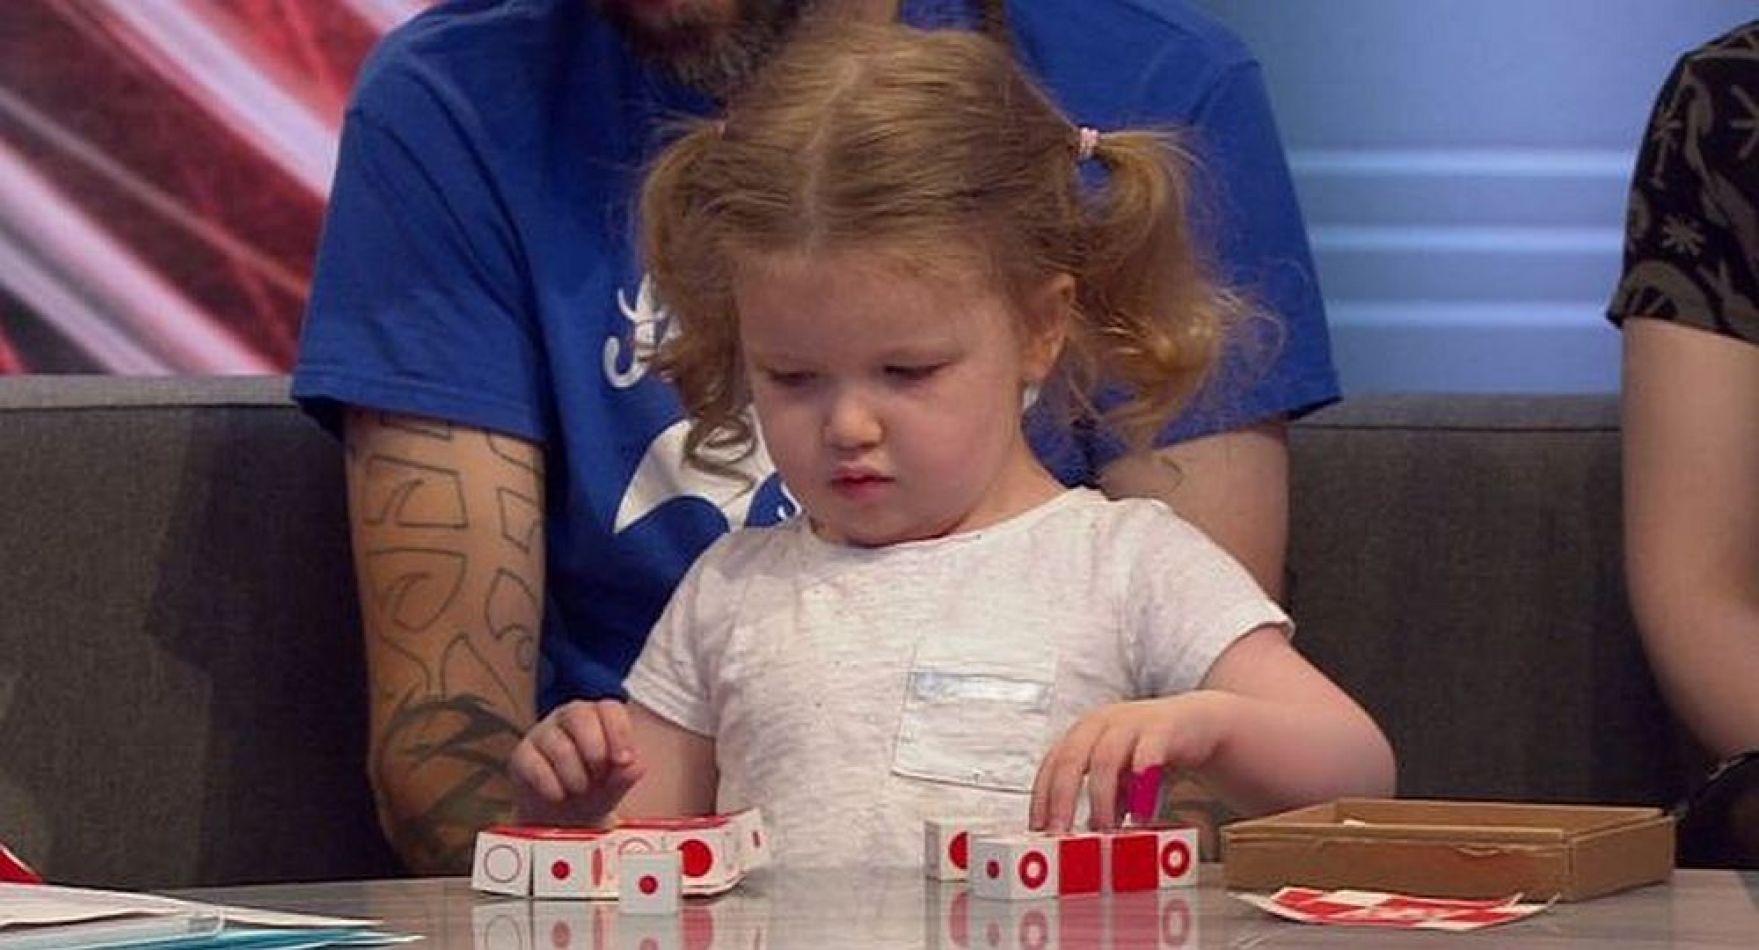 La pequeña Ophelia Morgan-Dew , de solo 3 años